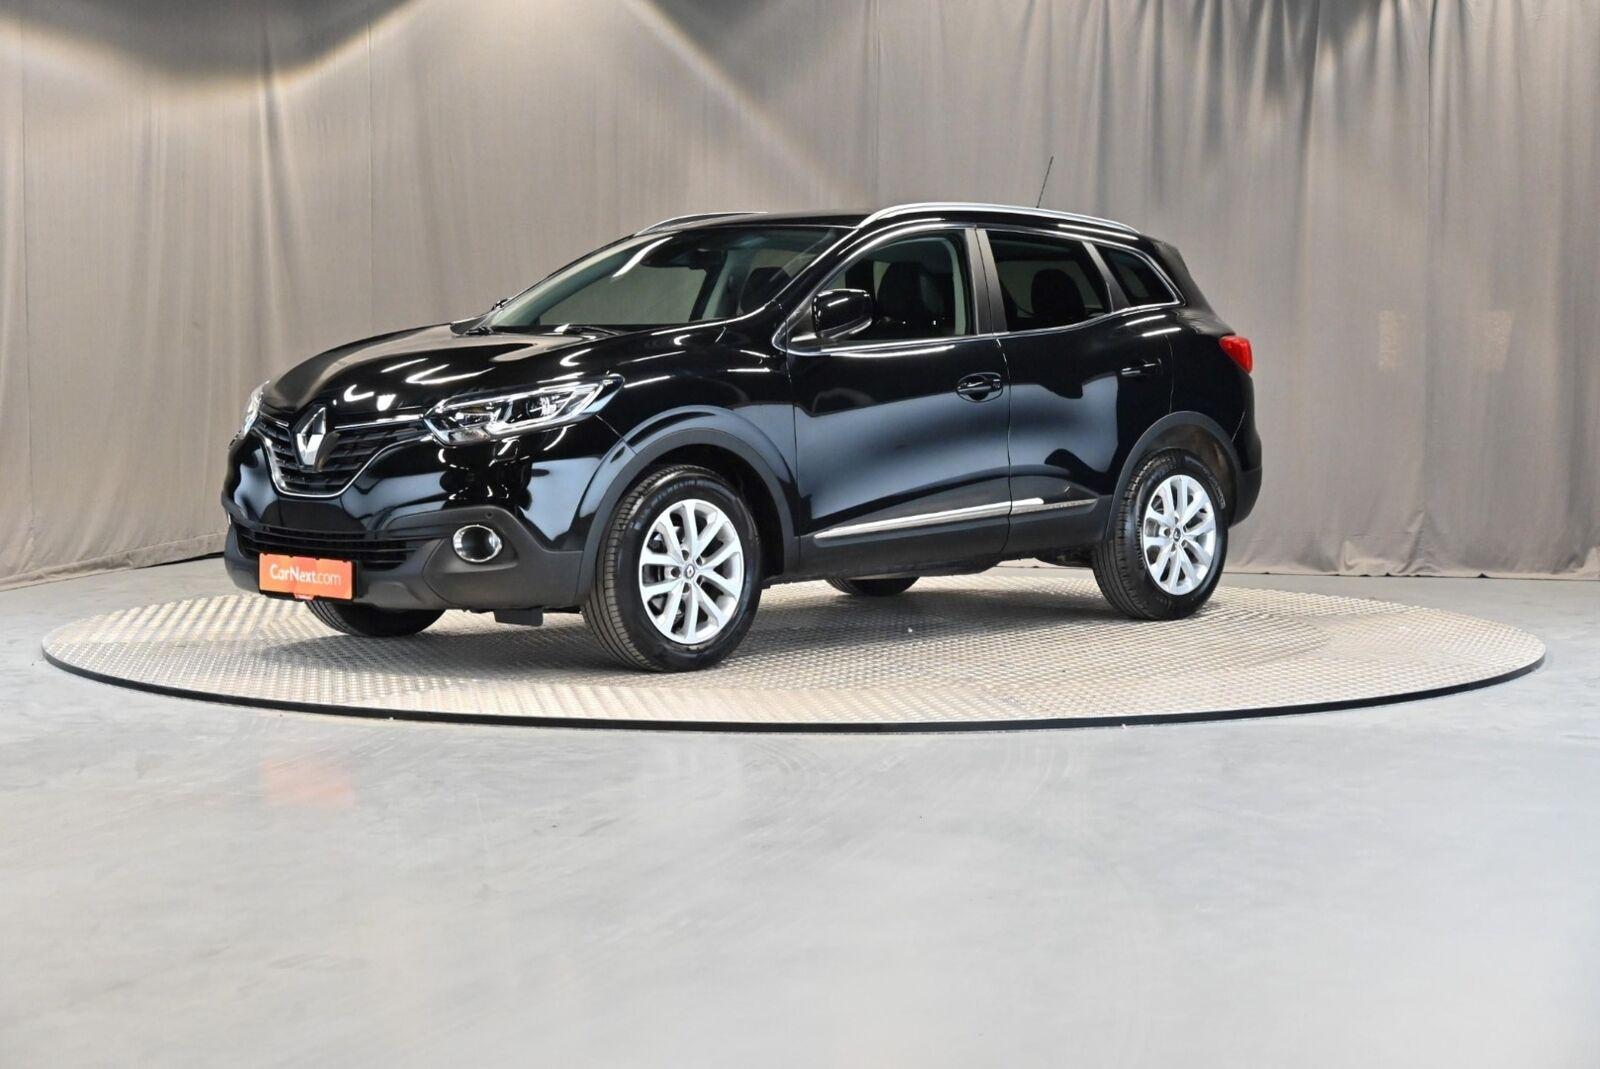 Renault Kadjar 1,5 dCi 110 Zen EDC 5d - 192.900 kr.